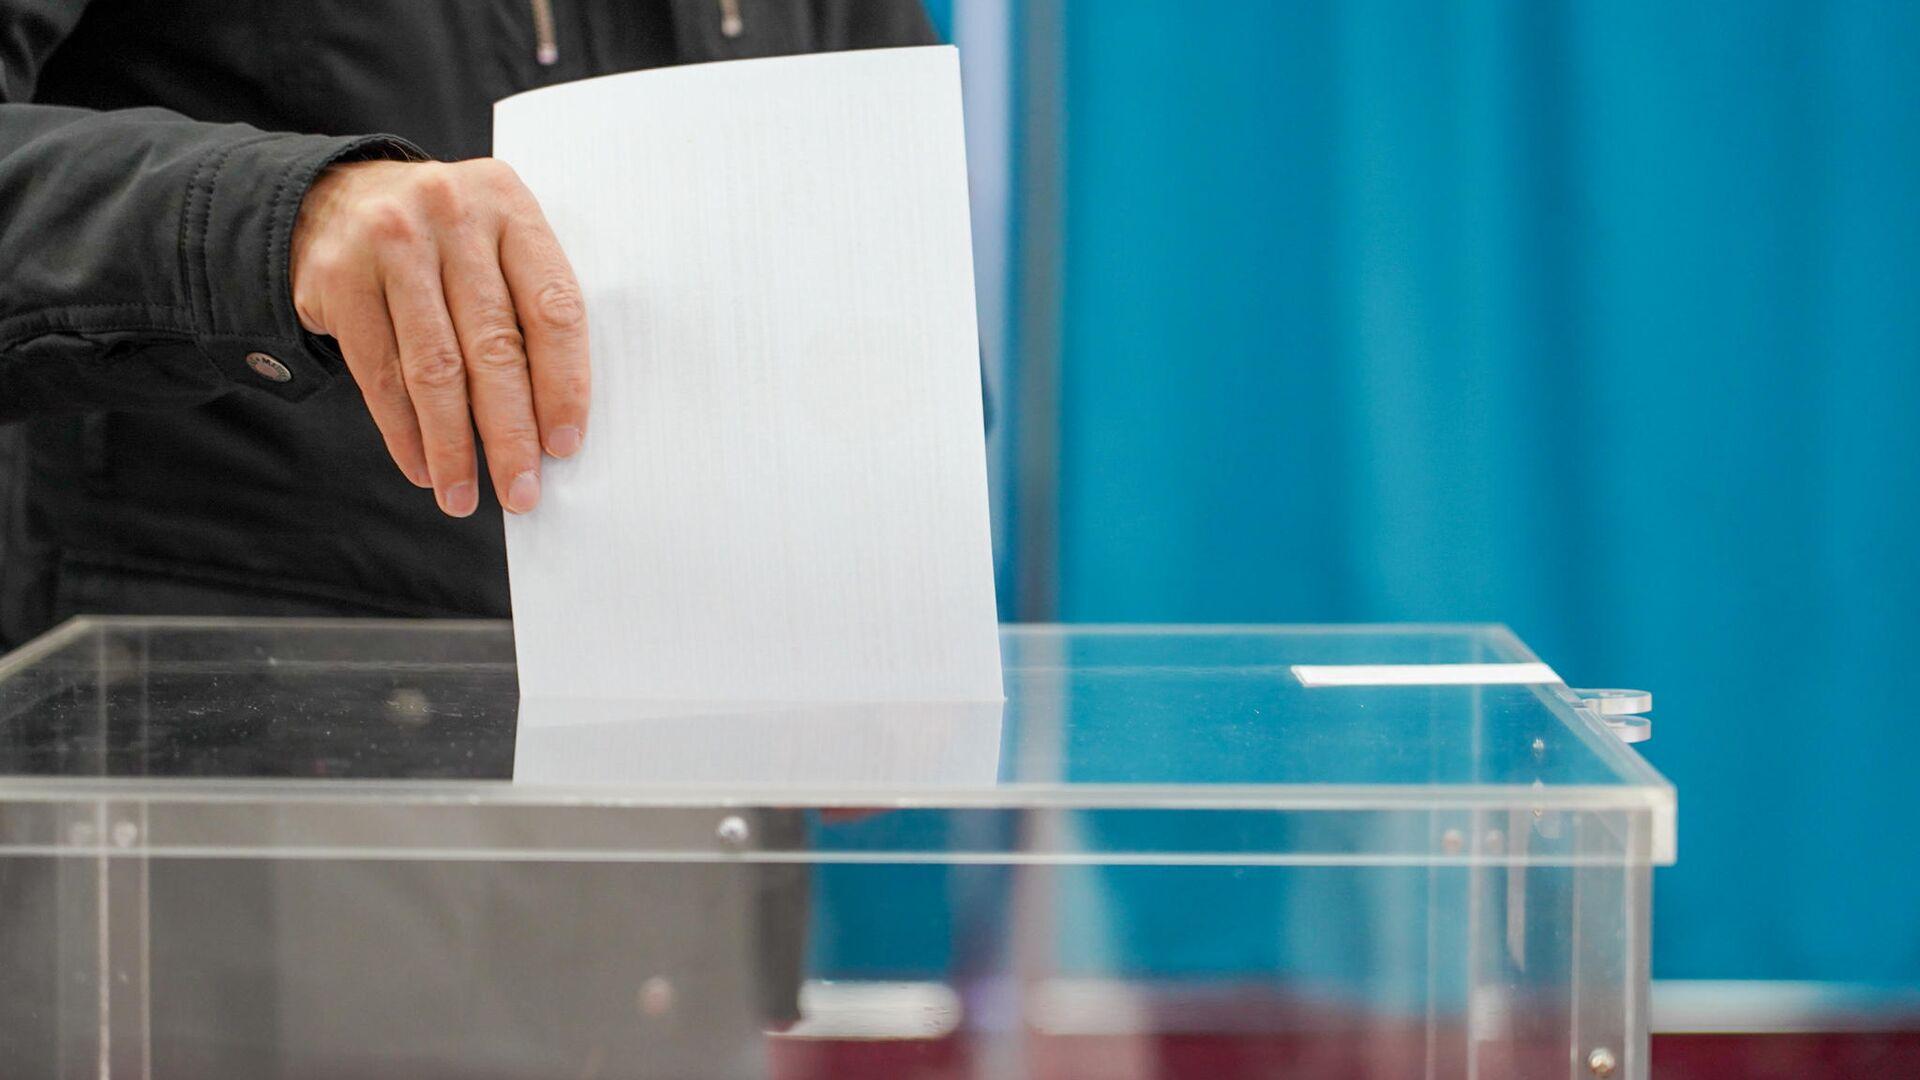 Мужчина опускает бюллетень в урну для голосования - РИА Новости, 1920, 10.01.2021